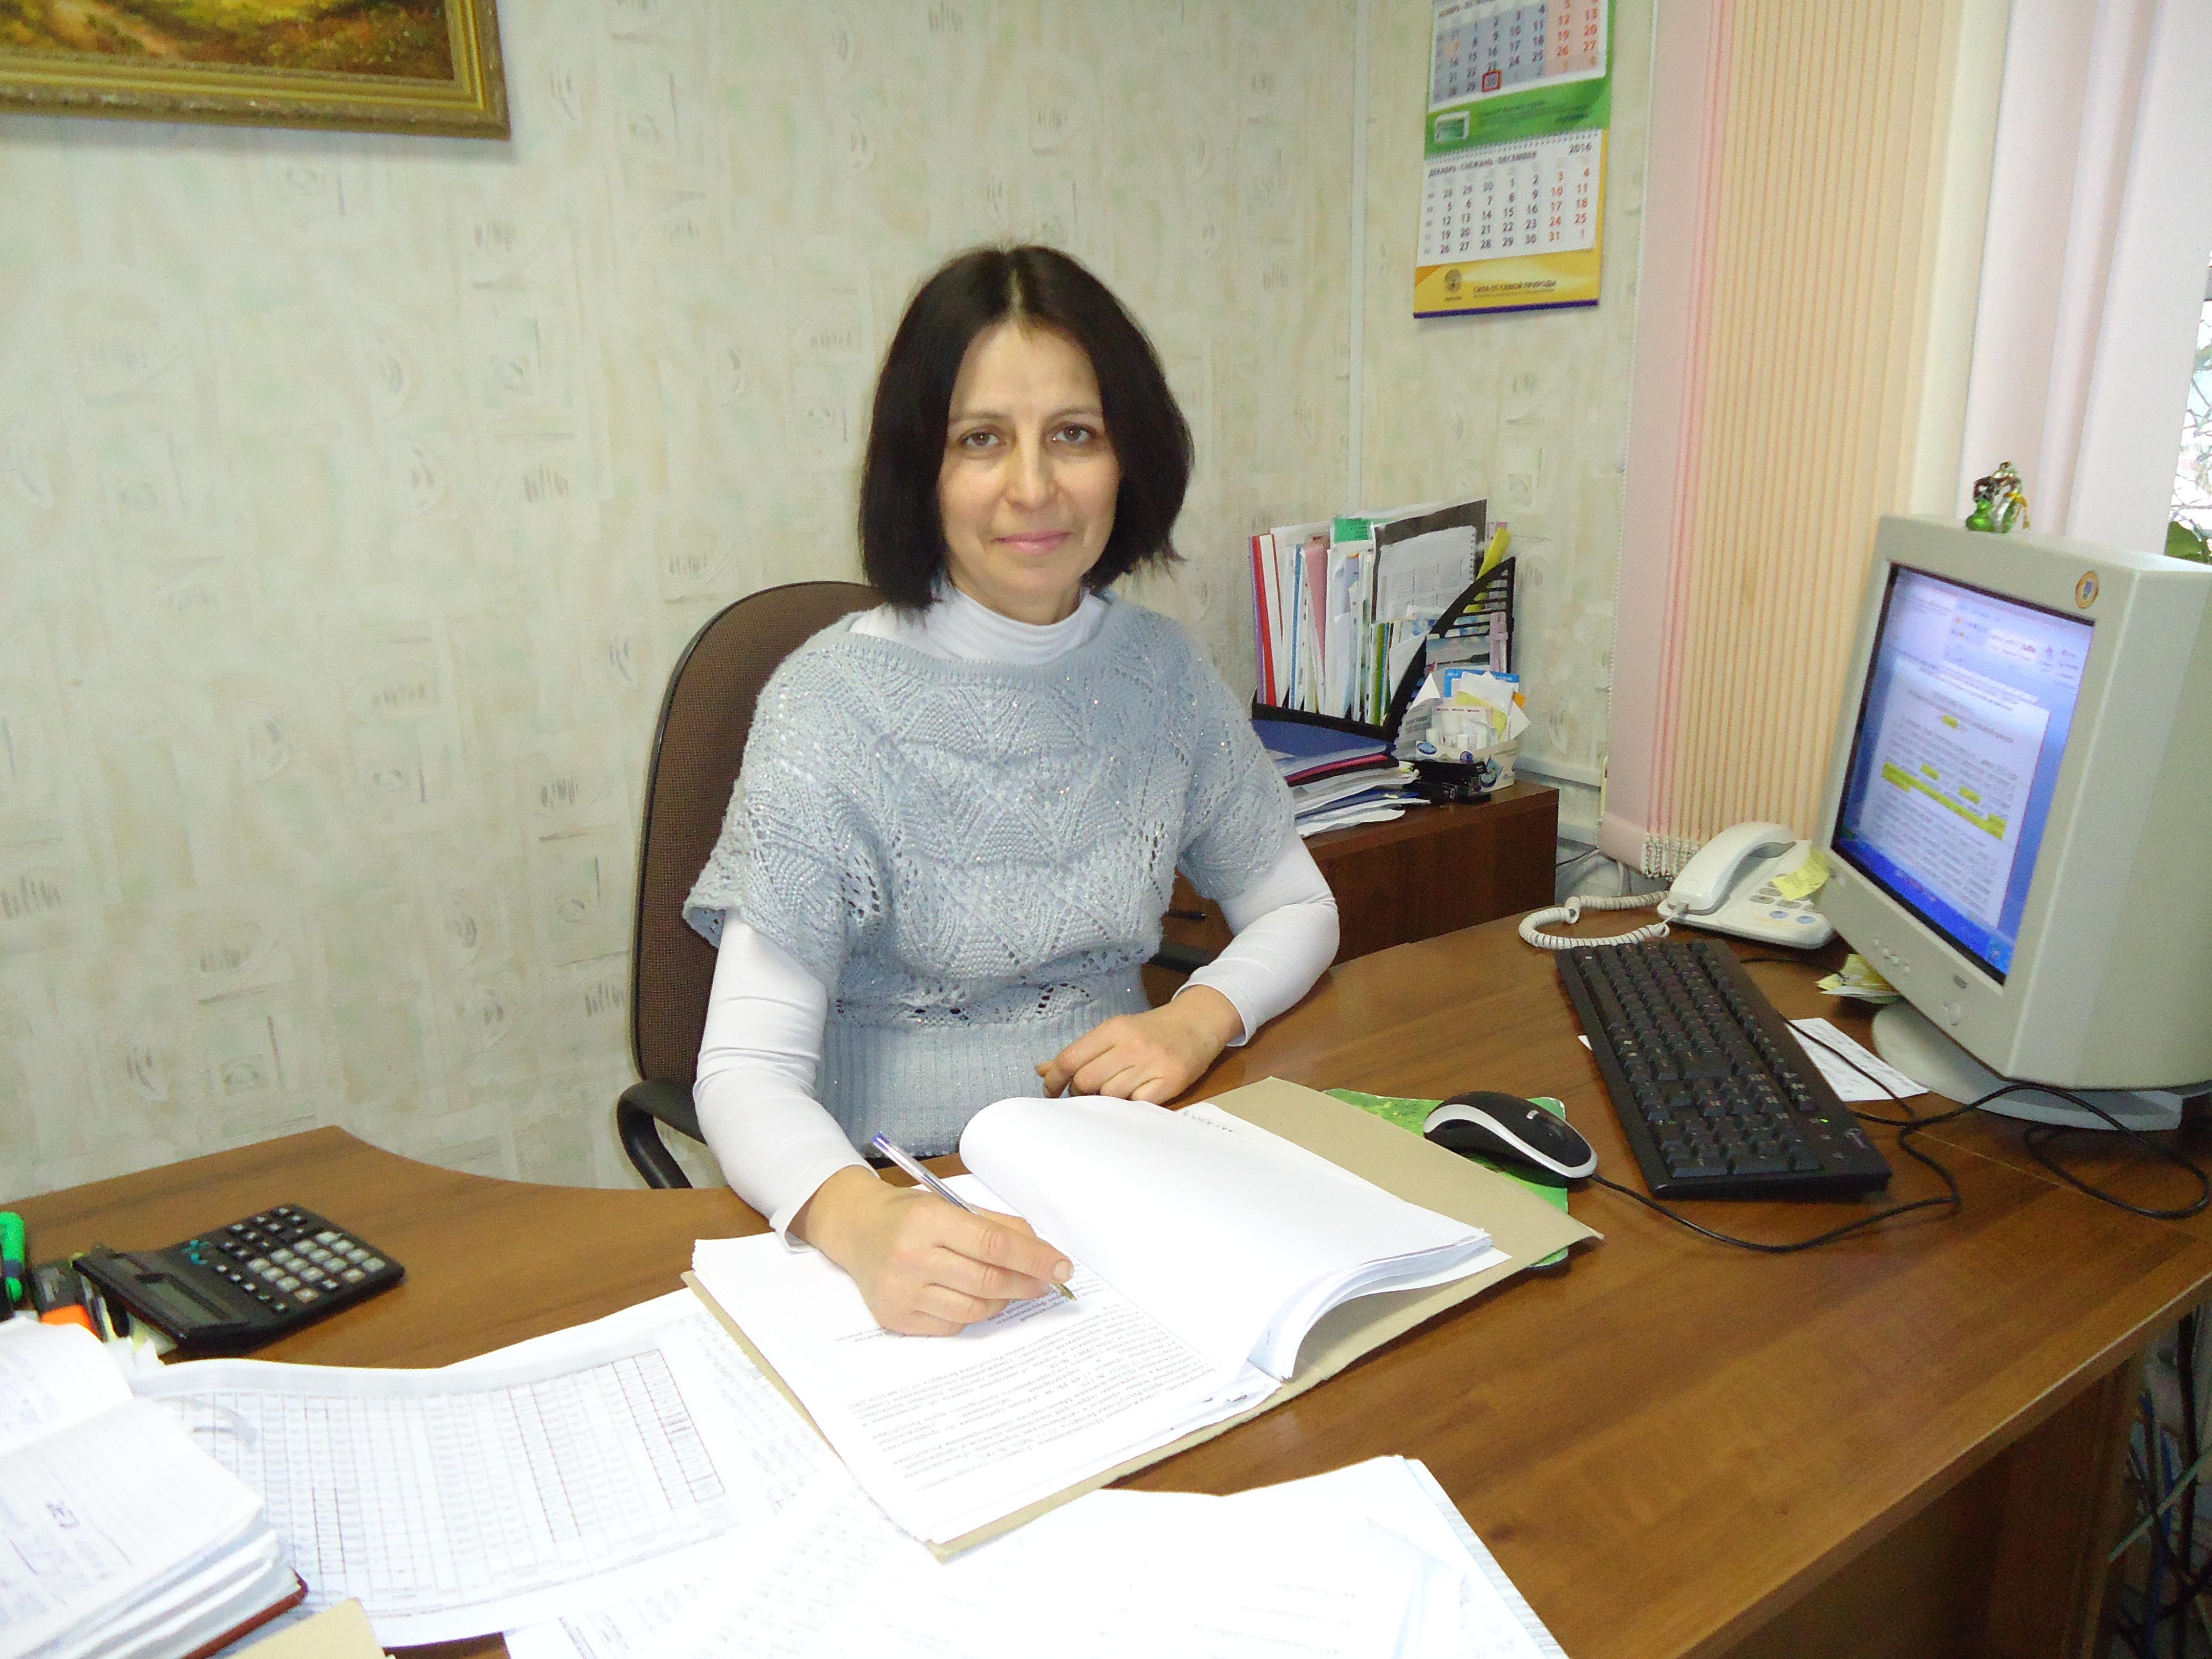 Врач-эпидемиолог Центра гигиены и эпидемиологии Фрунзенского района г.Минска Наталья Недведь